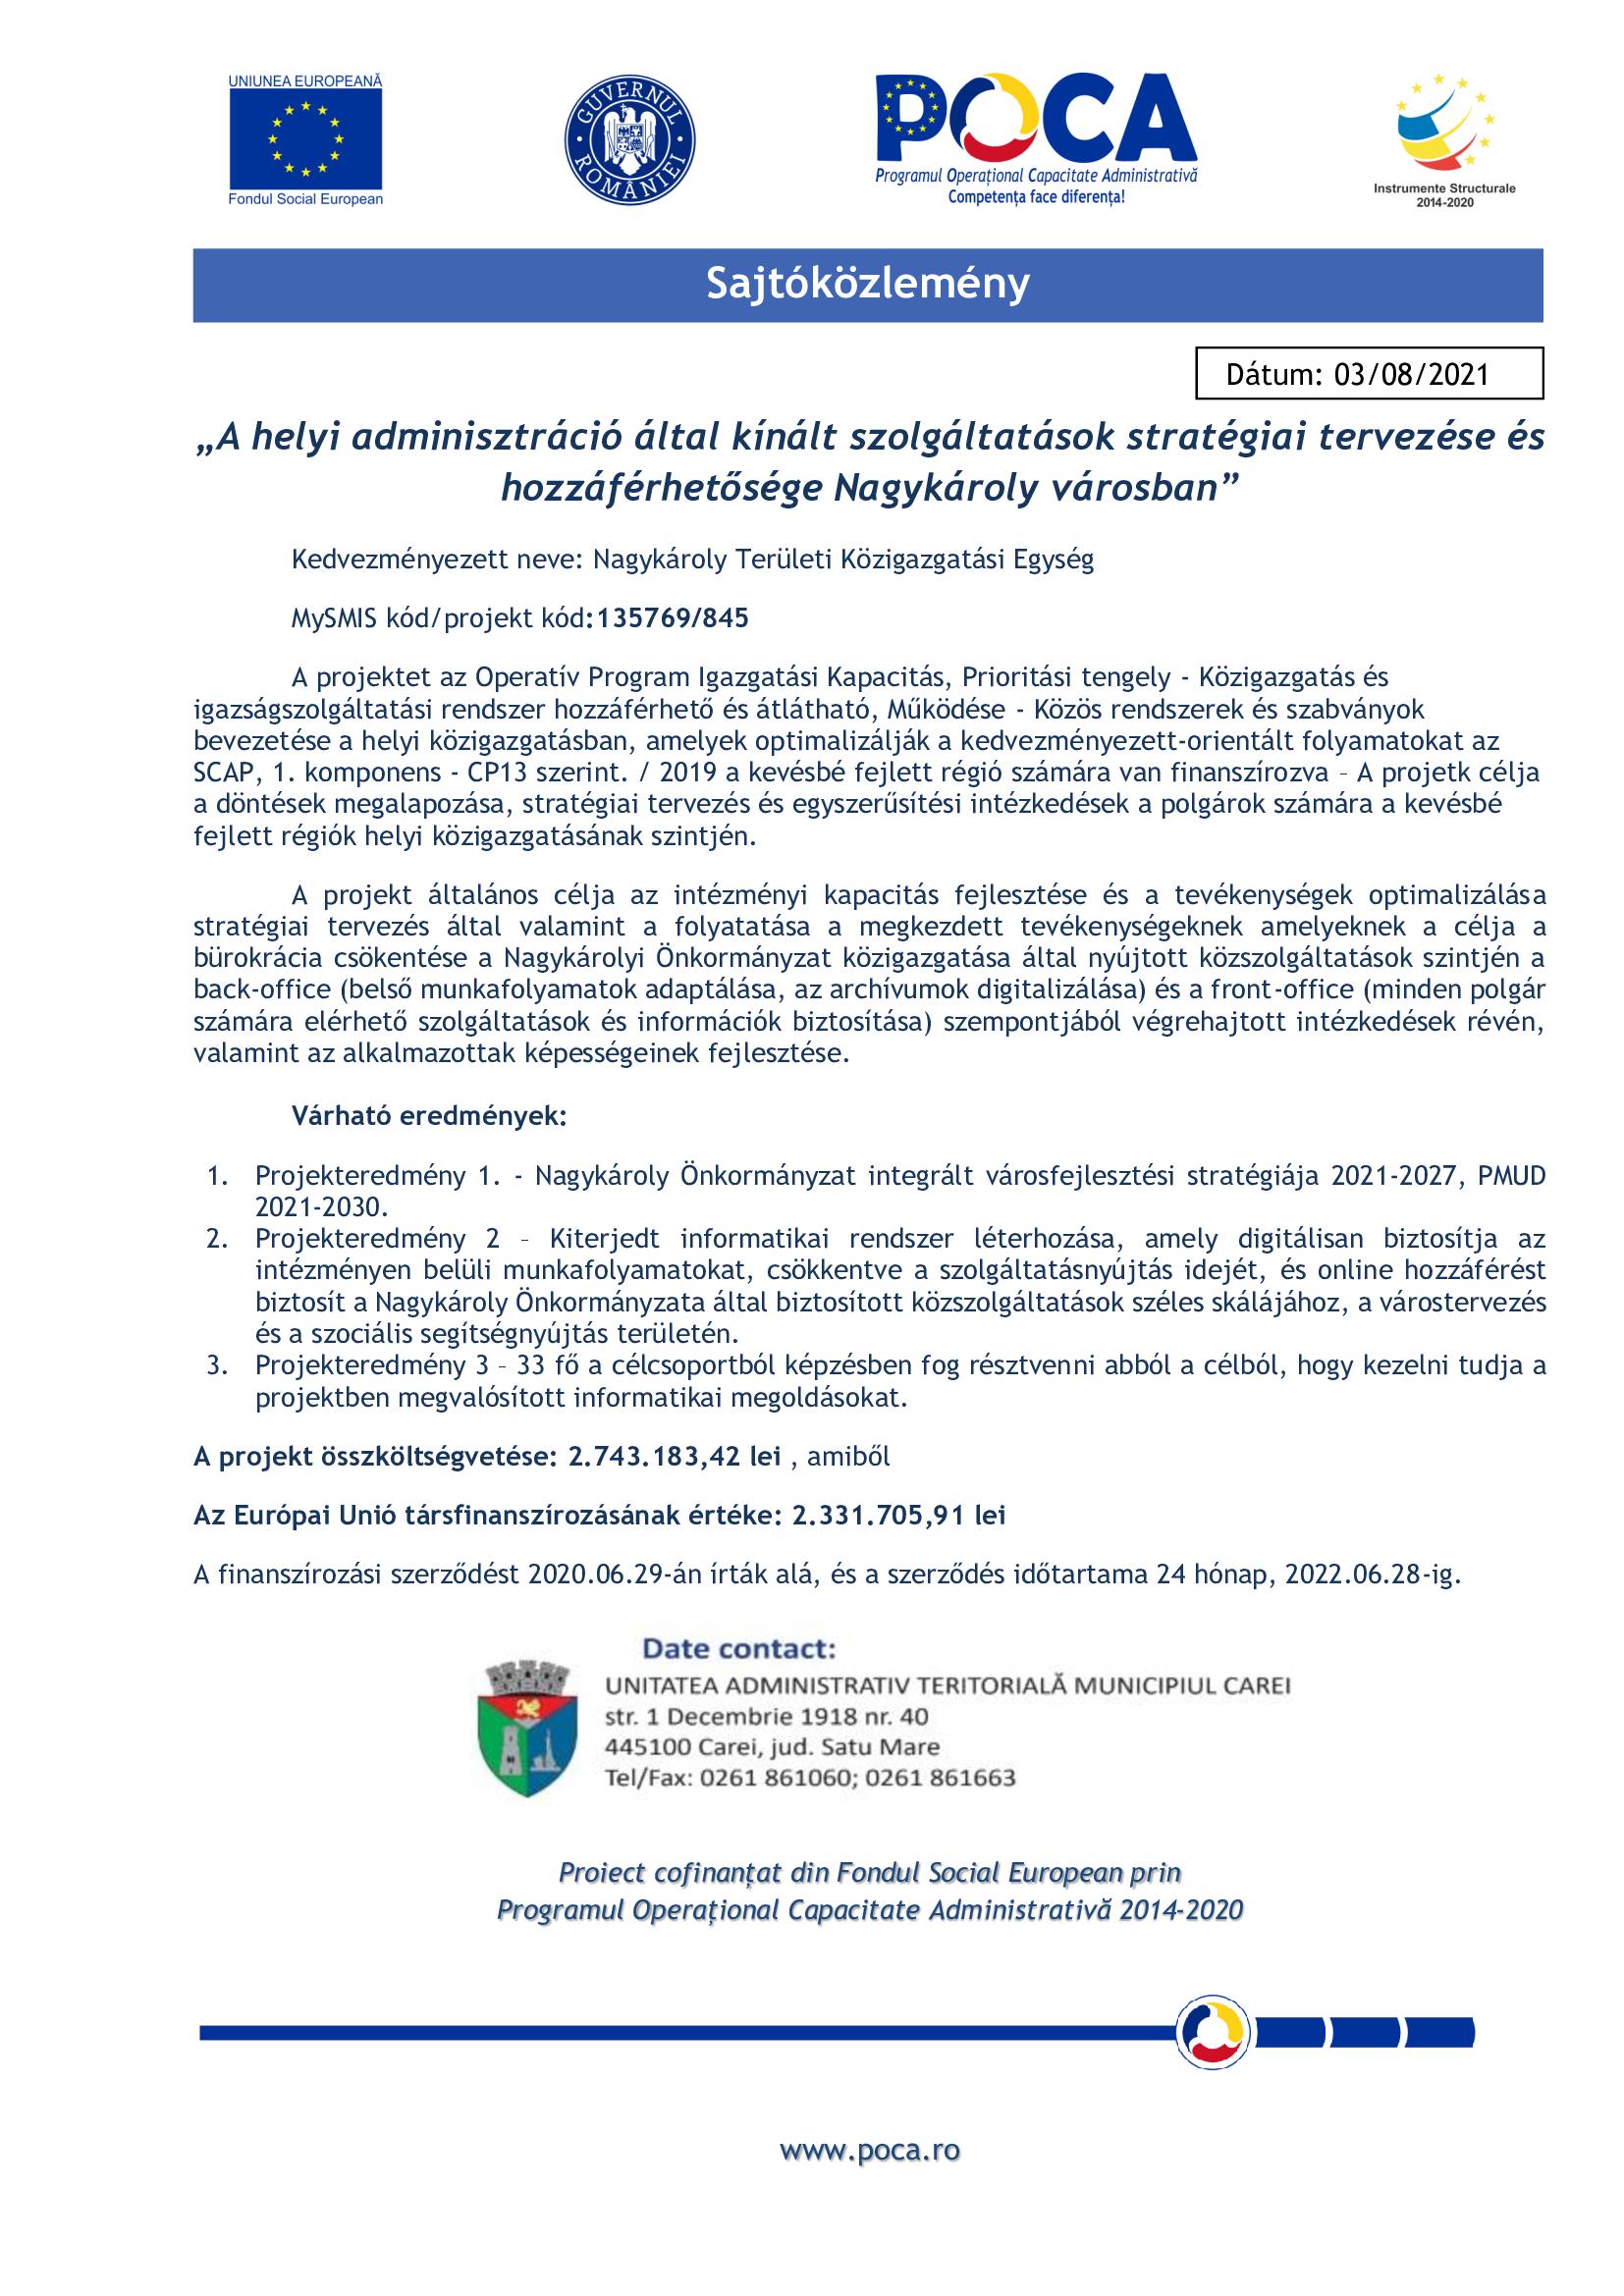 proiect maghiara